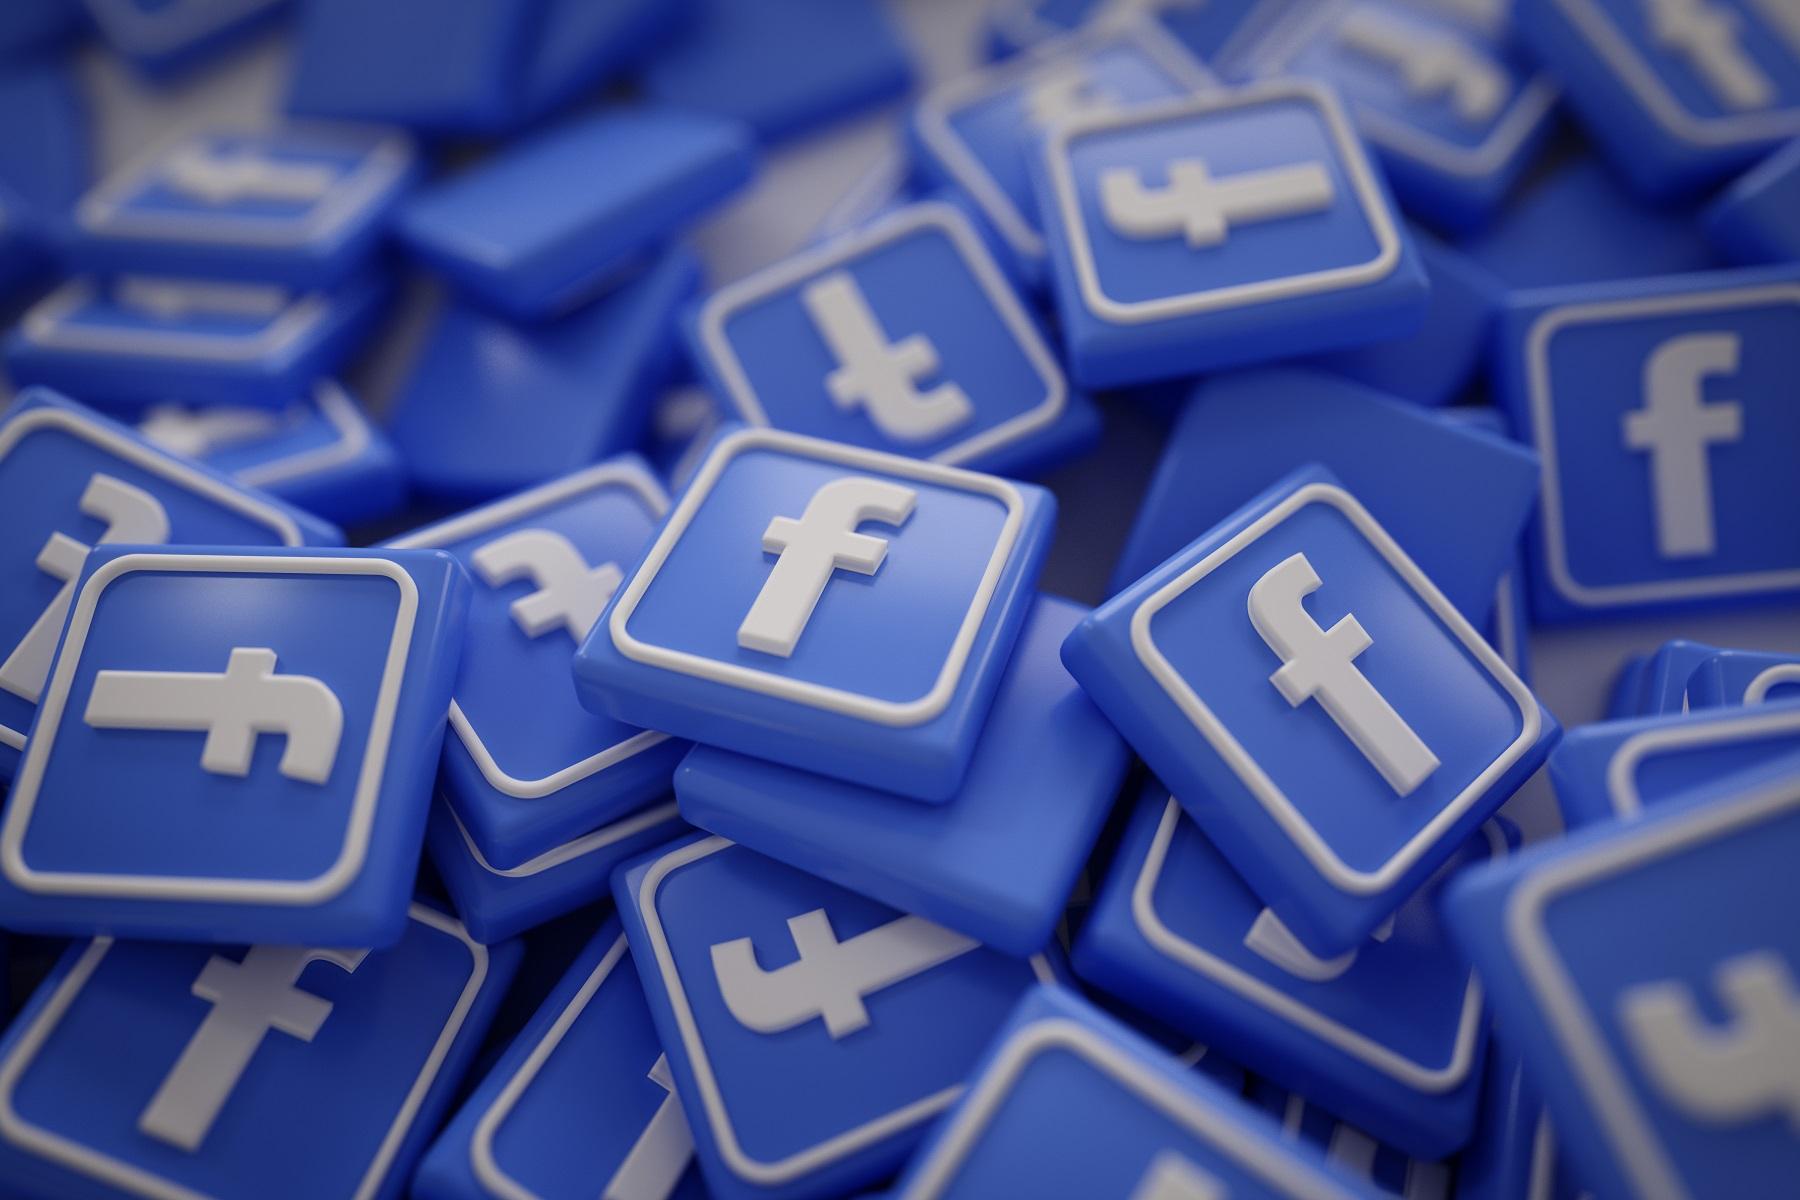 ¿Qué sabe Facebook sobre nosotros?